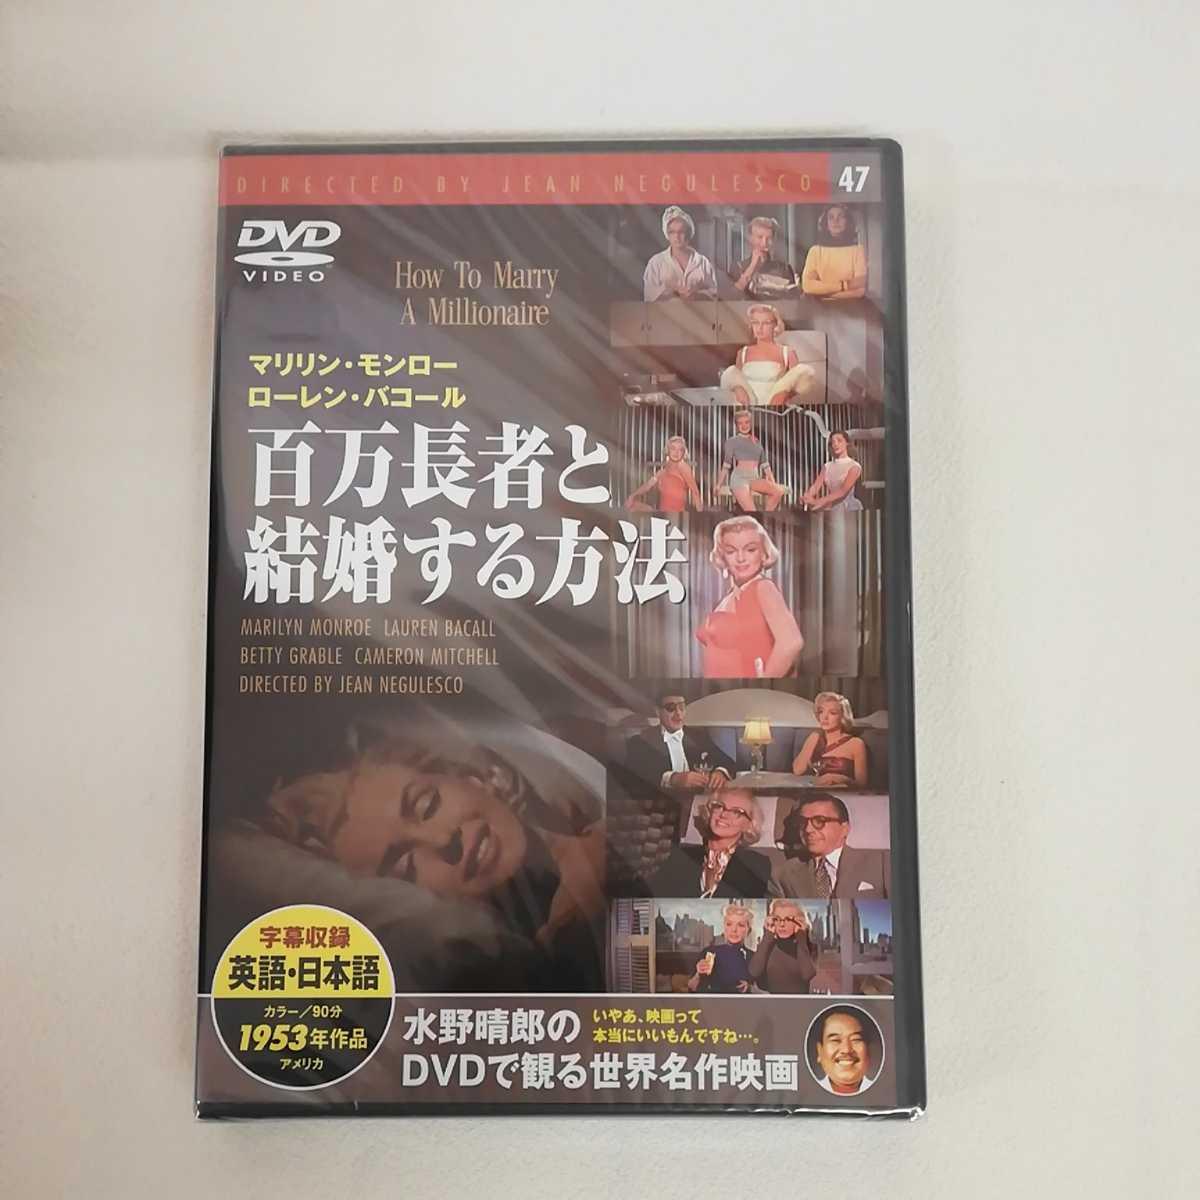 598 世界名作映画 水野晴郎のDVDで観る世界名作映画 など 洋画 15枚セット KEEP_未開封